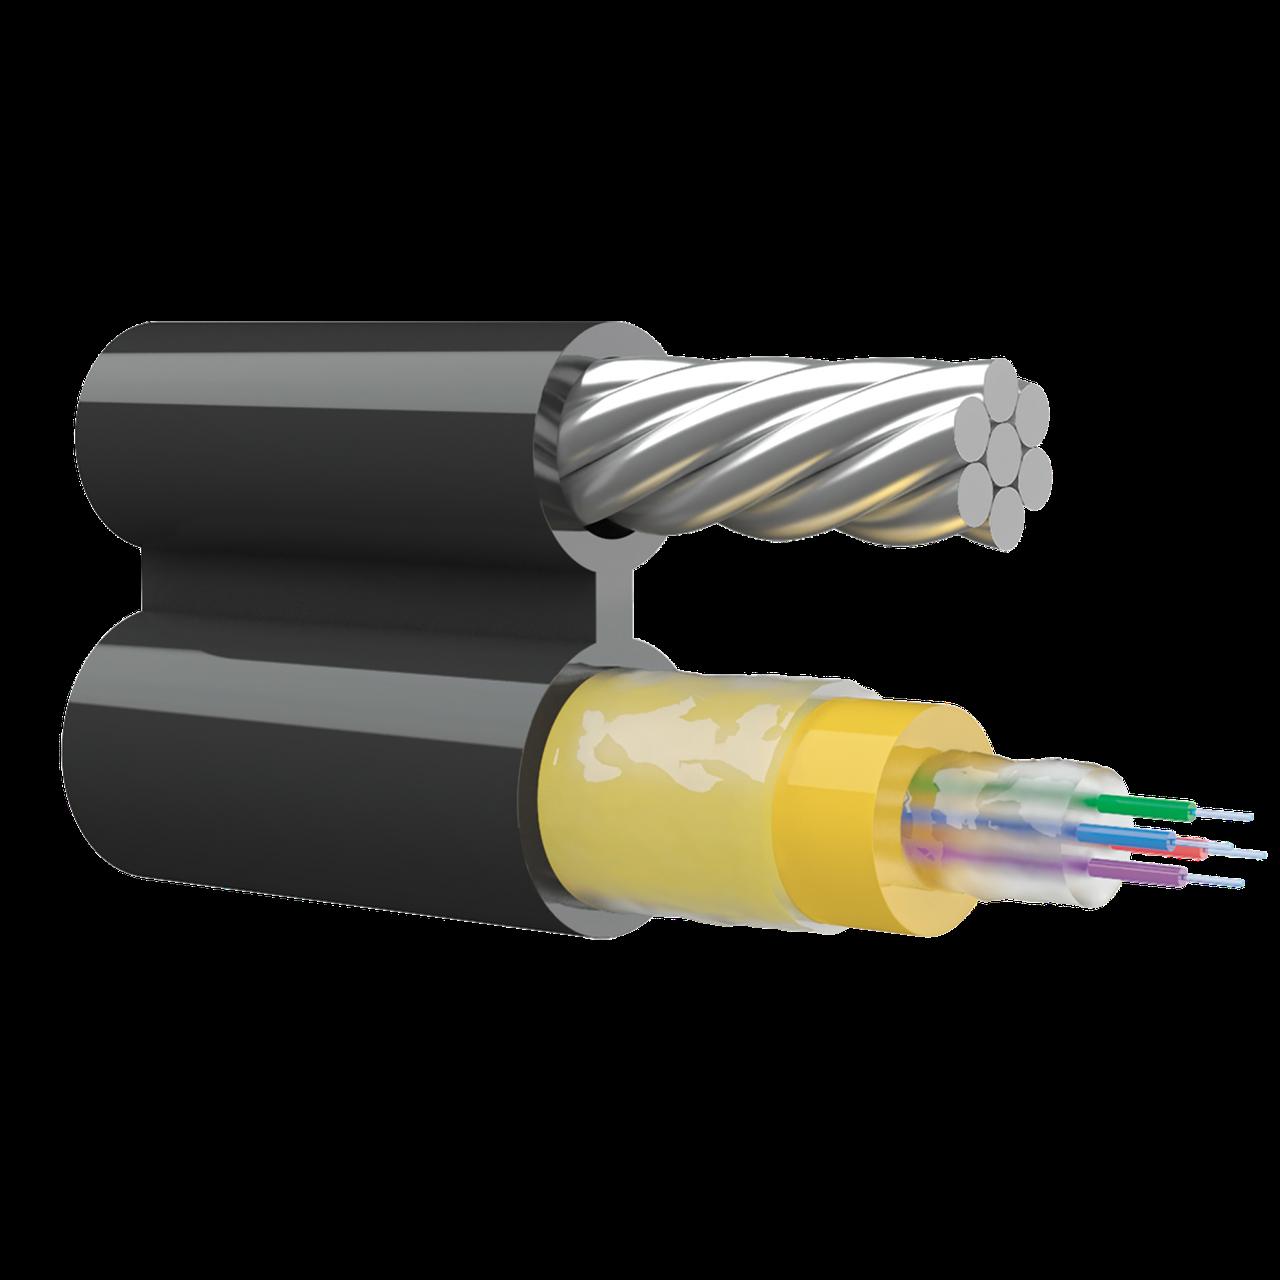 Кабель оптический SNR-FOCA-UT4-08-C, волокно Corning SMF-28 Ultra